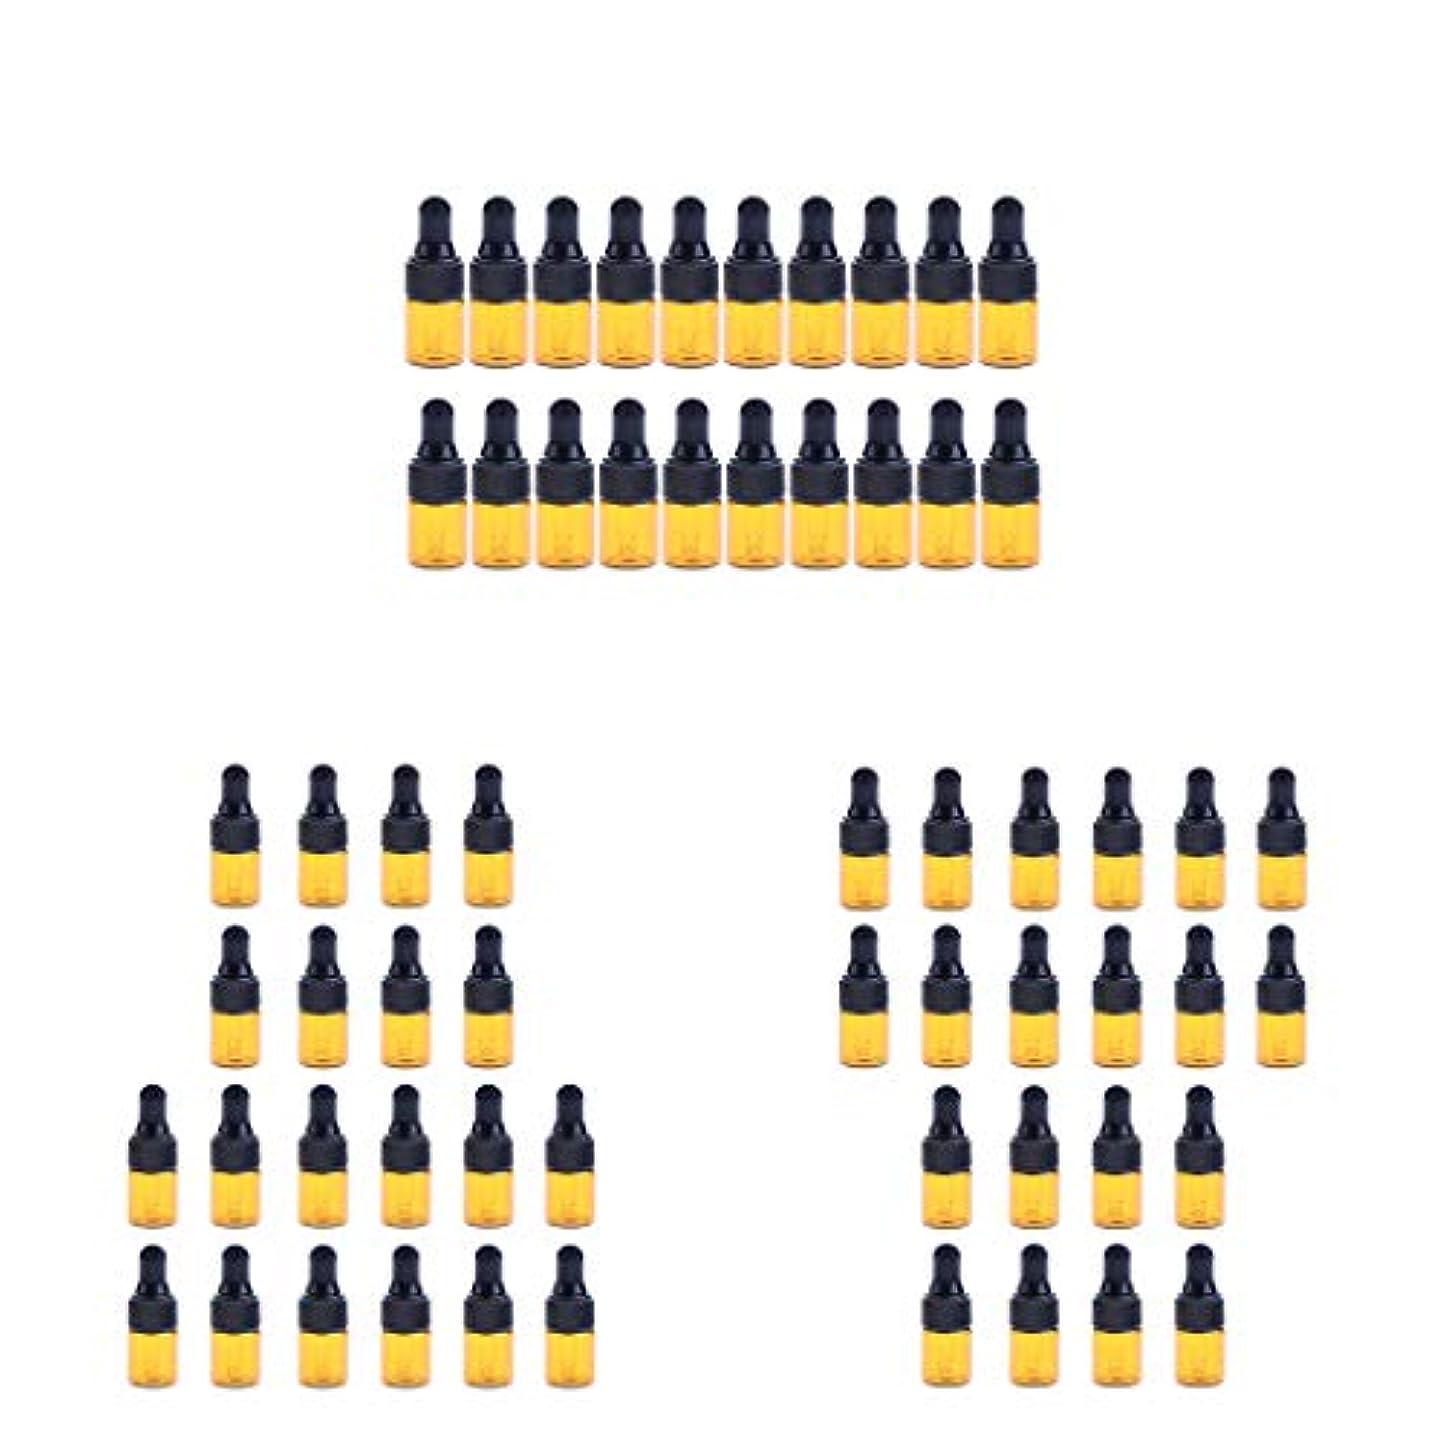 排除する飼い慣らすビタミンドロッパーボトル ガラス 遮光瓶 アロマオイル エッセンシャルオイル 精油 詰め替え容器